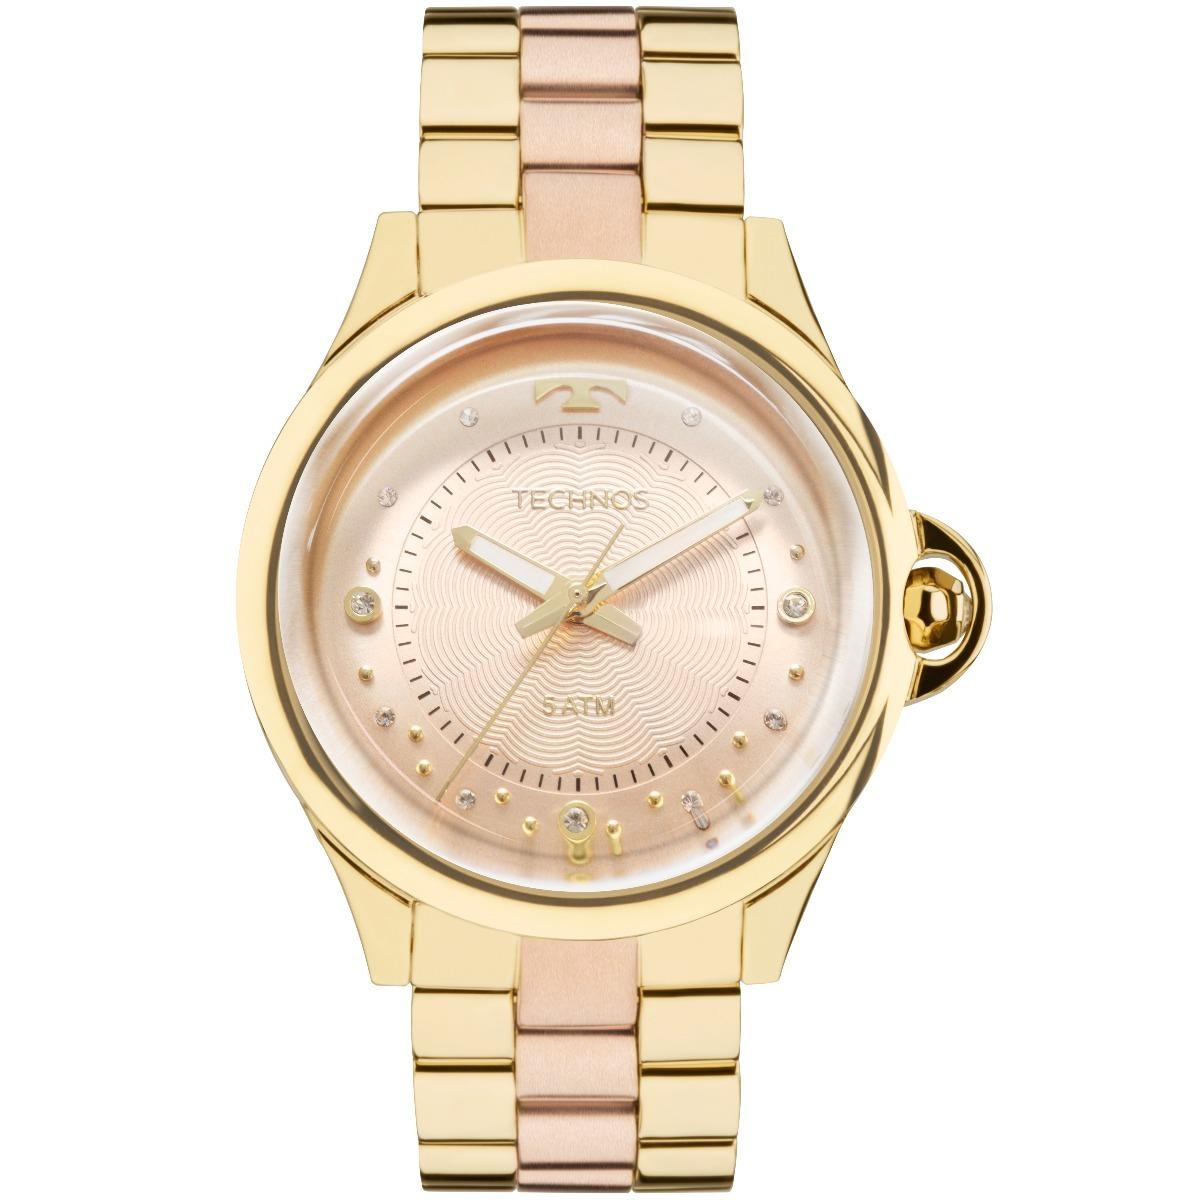 9723bca767e Relogio Technos Feminino Dourado Elegance 2039bl 4t - R  299